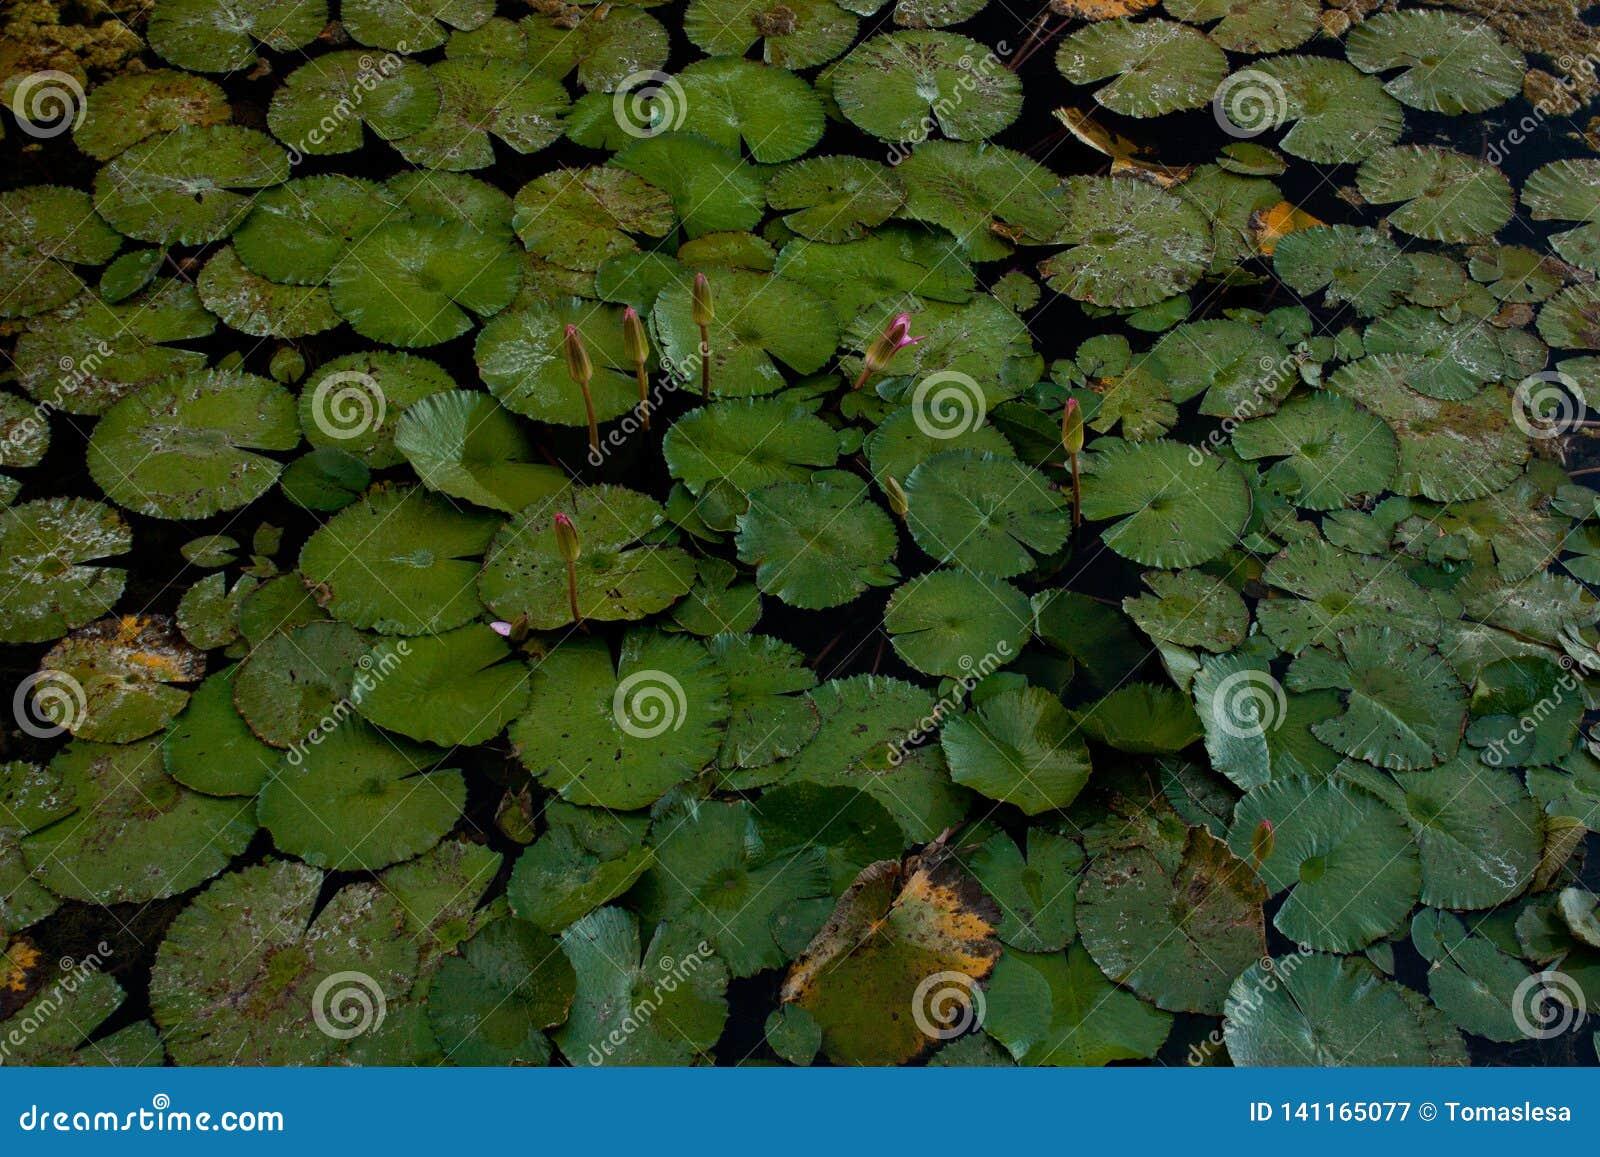 Bladeren en bloesems van waterlelies in een vijver